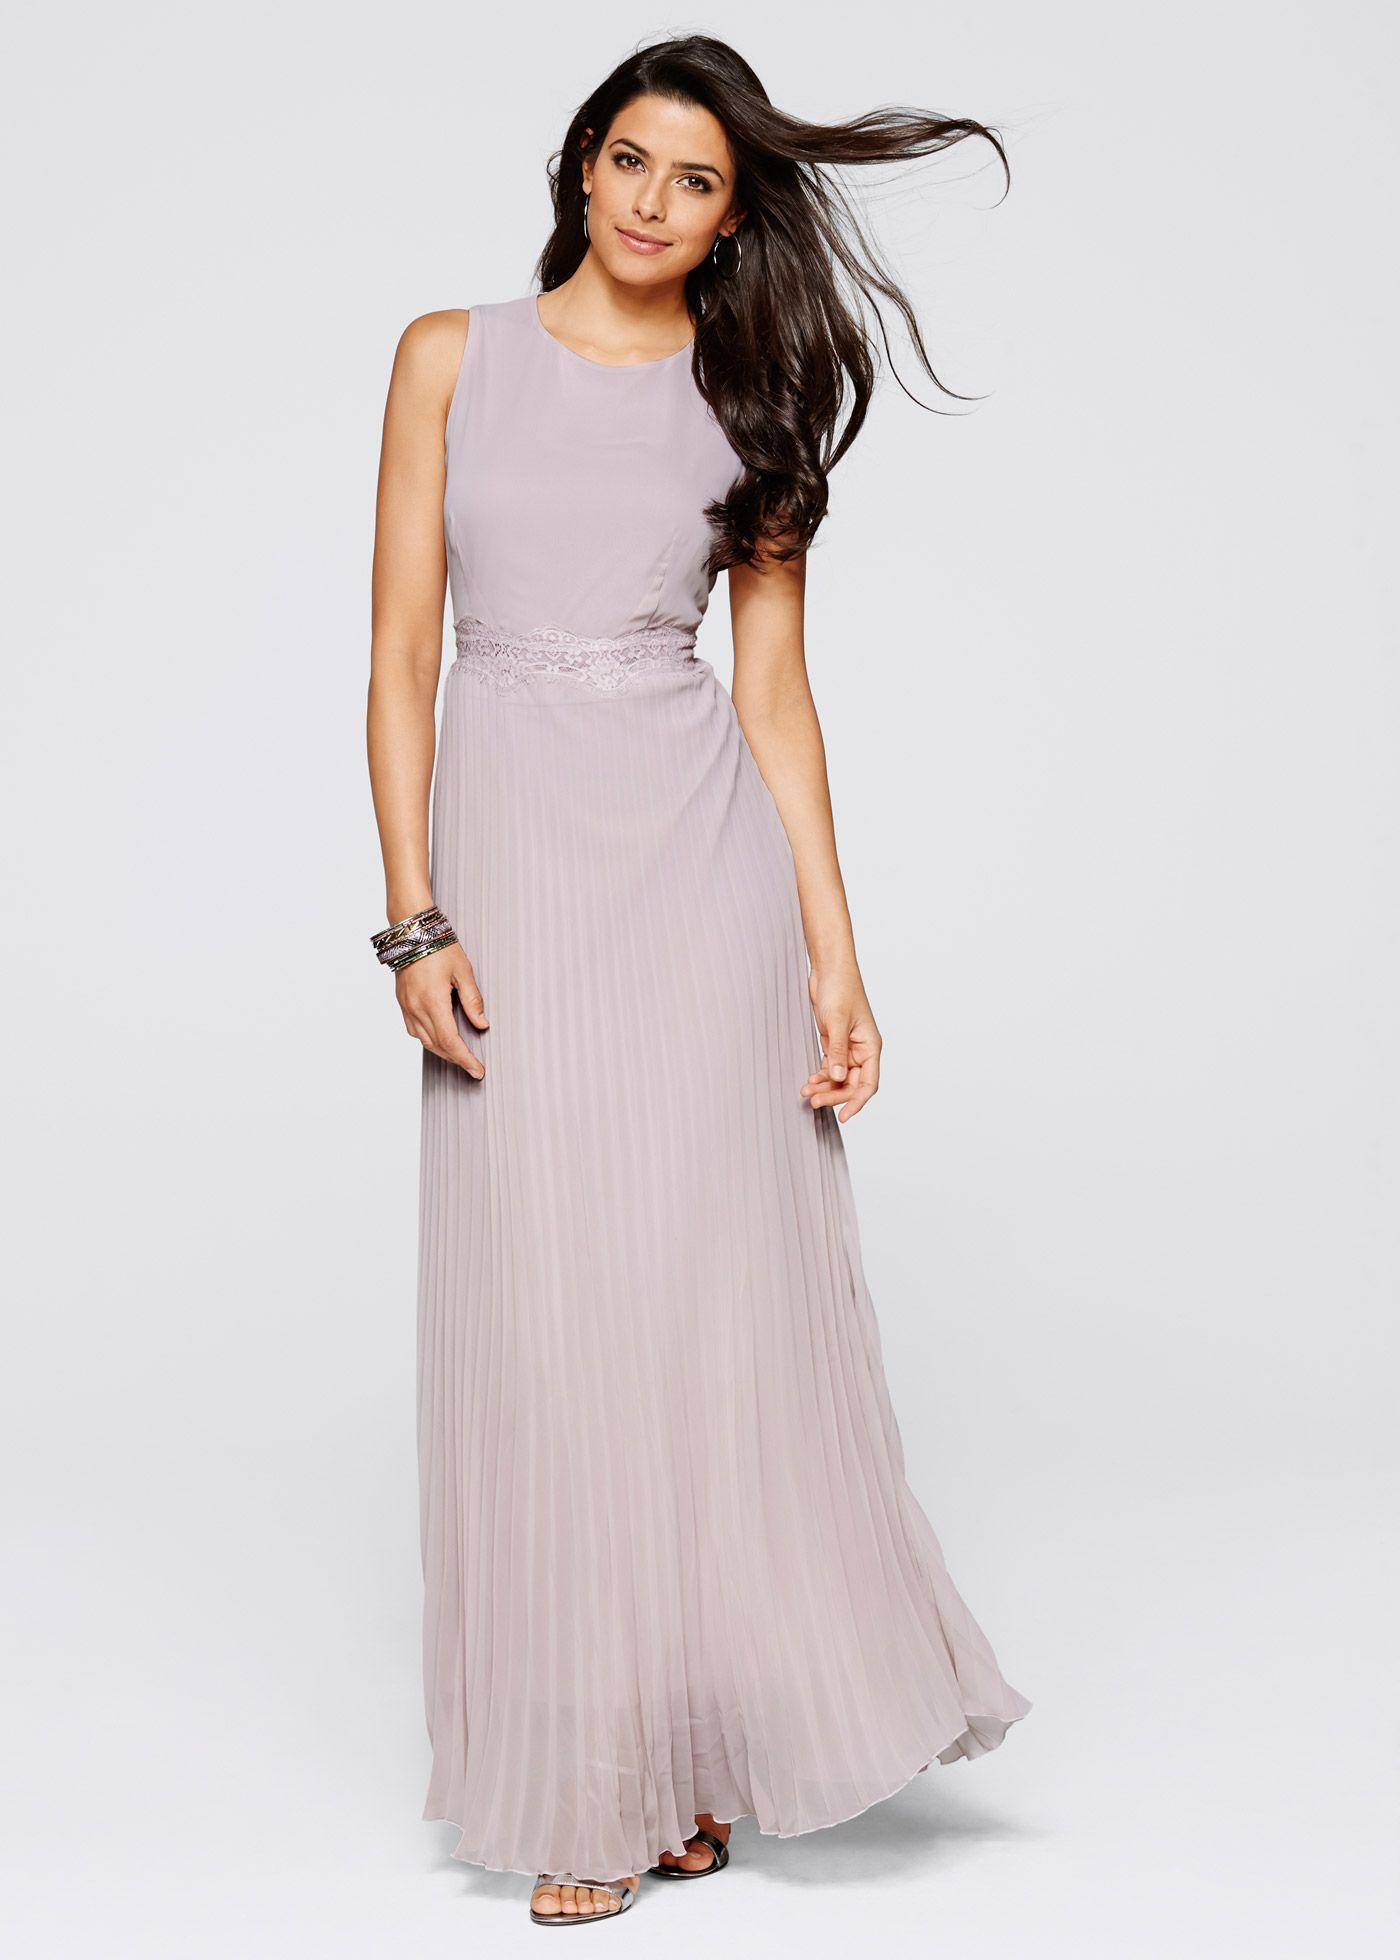 Kleid pfirsich jetzt im Online Shop von bonprix.de ab € 17,17